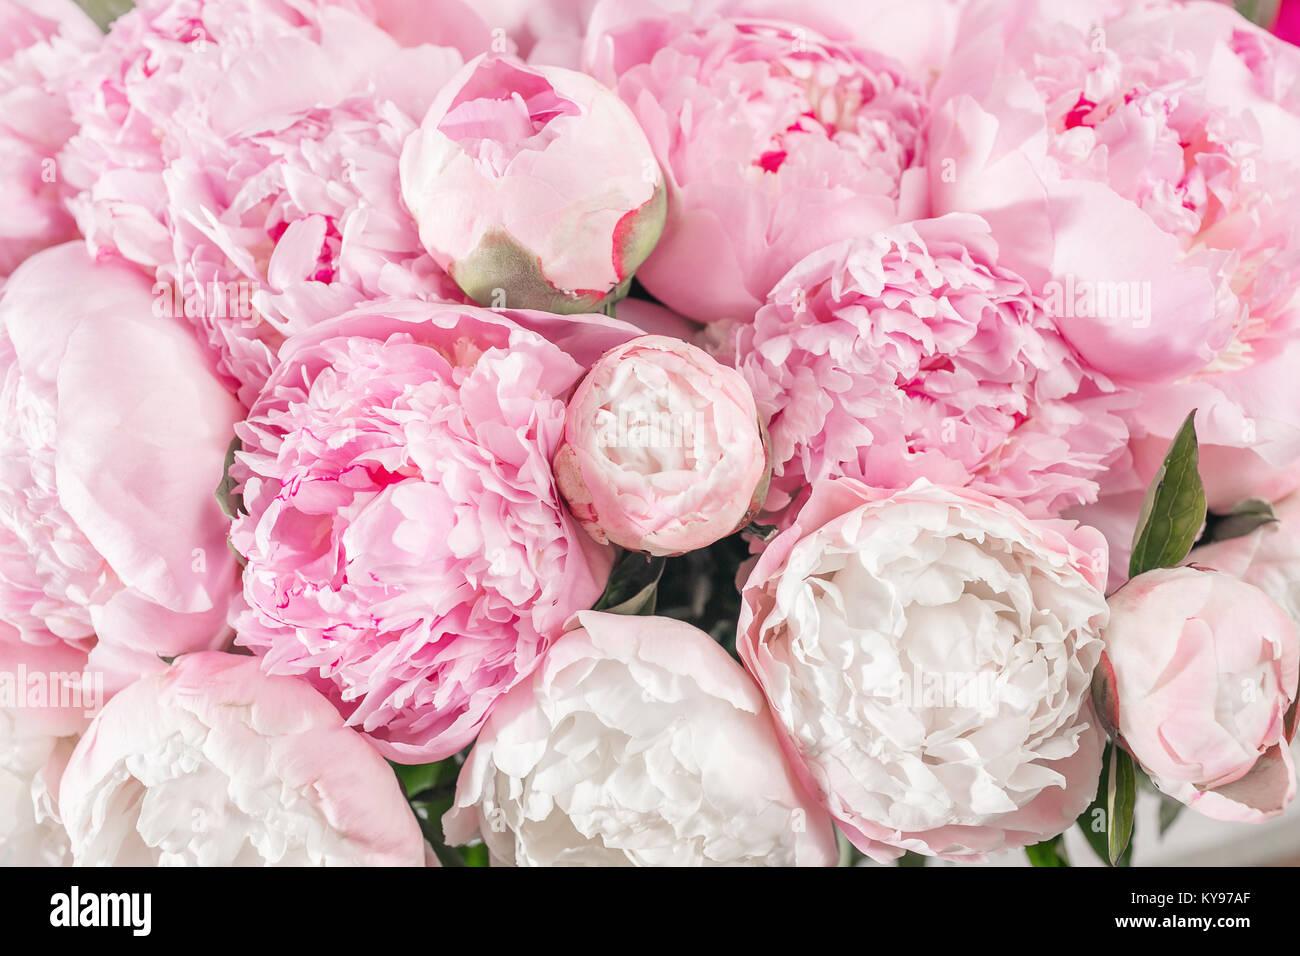 Fiori Tipo Rose.Bouquet Elegante Di Un Sacco Di Peonie Di Colore Rosa Vicino Bel